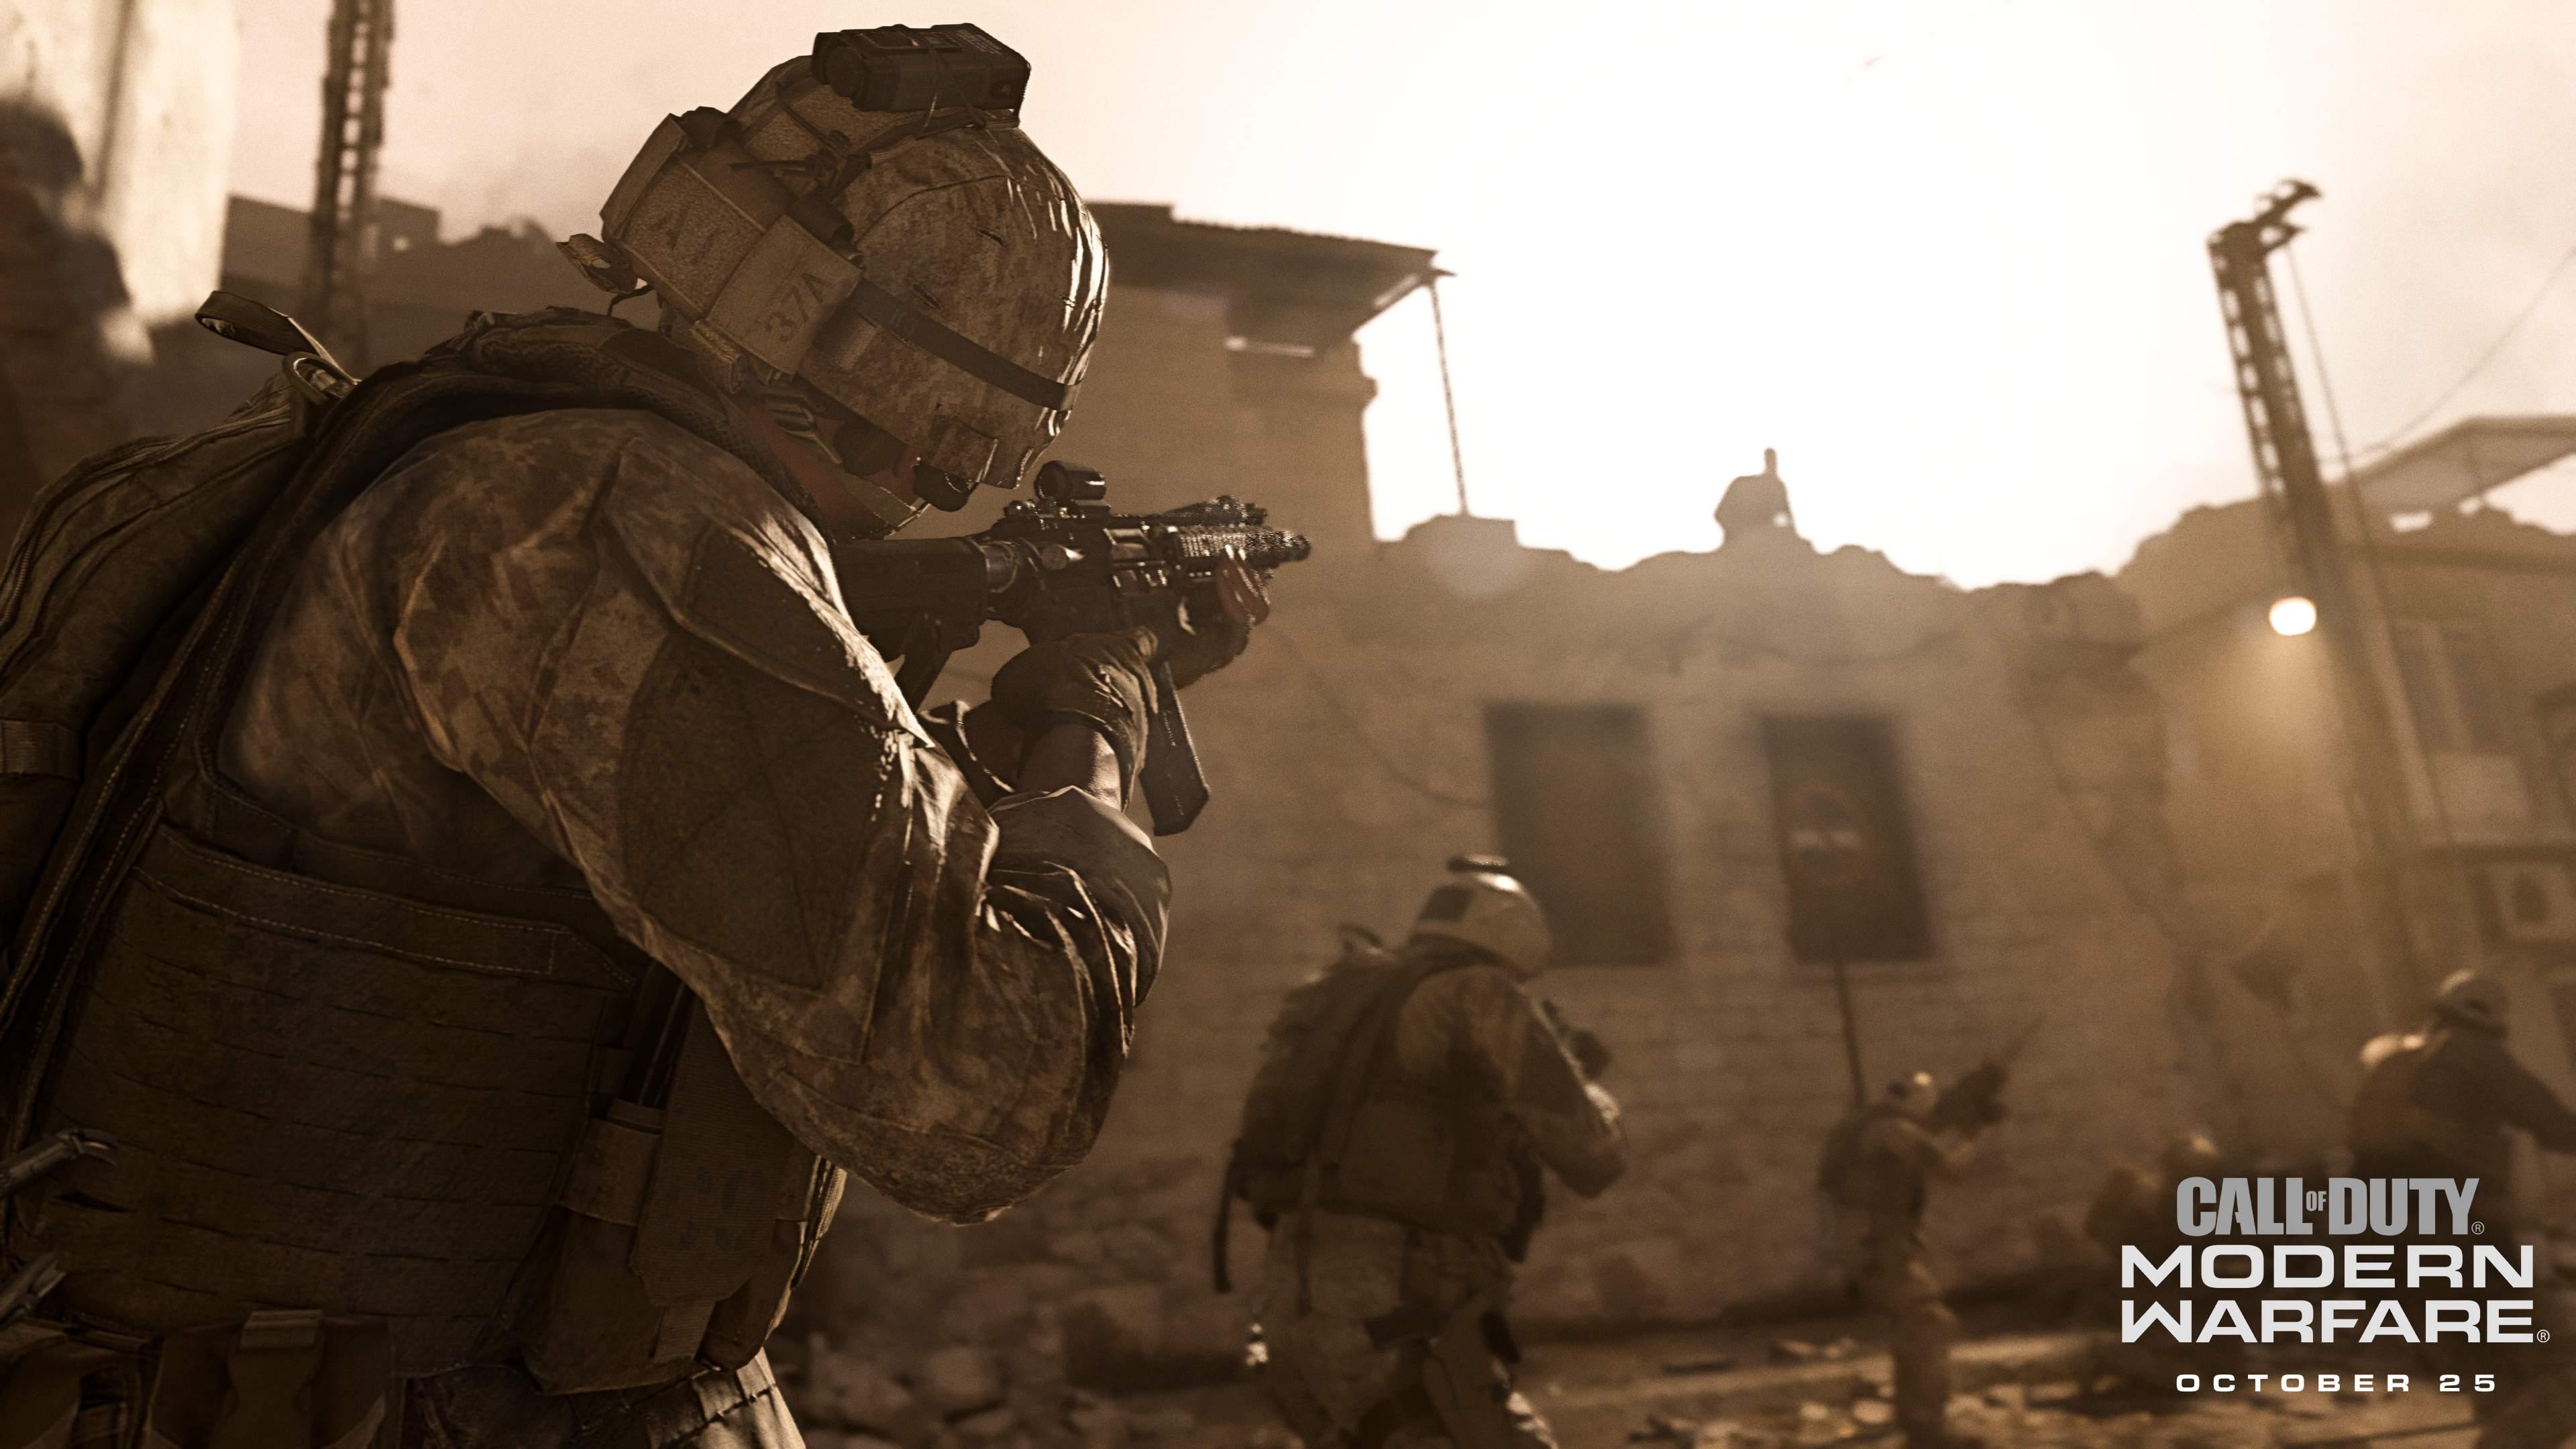 MW Reveal 05 wm Call of Duty; Modern Warfare stiže 25. oktobra!